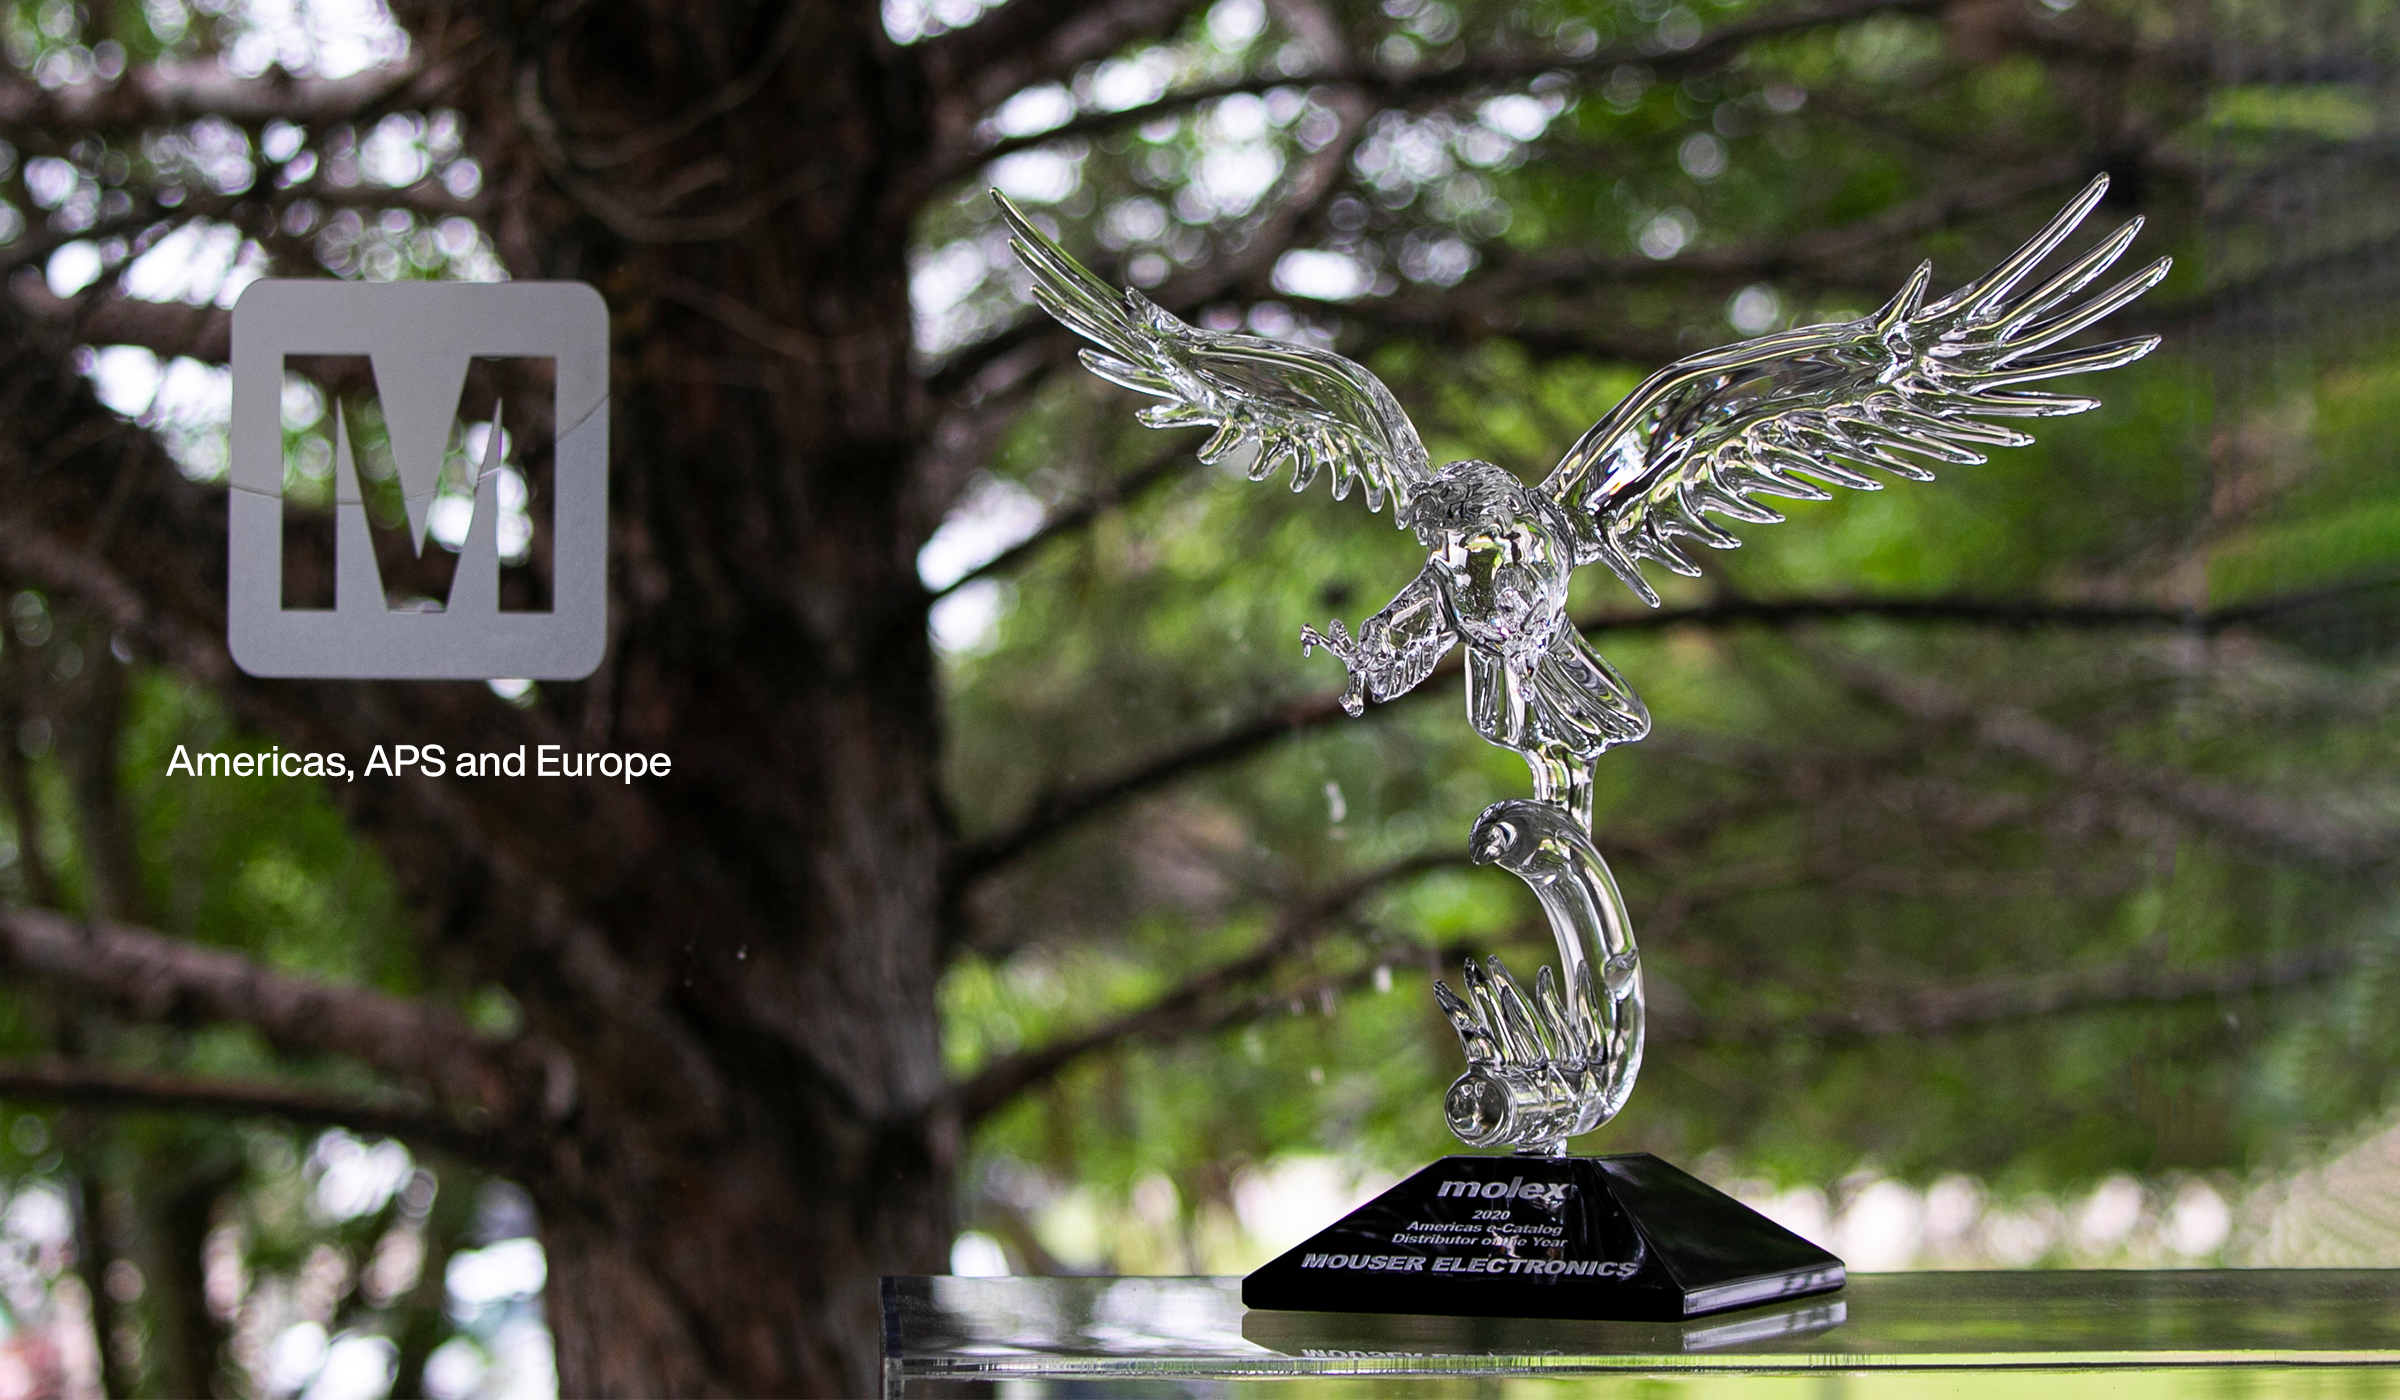 贸泽荣获Molex 亚太、美洲及欧洲区年度电子目录分销商大奖